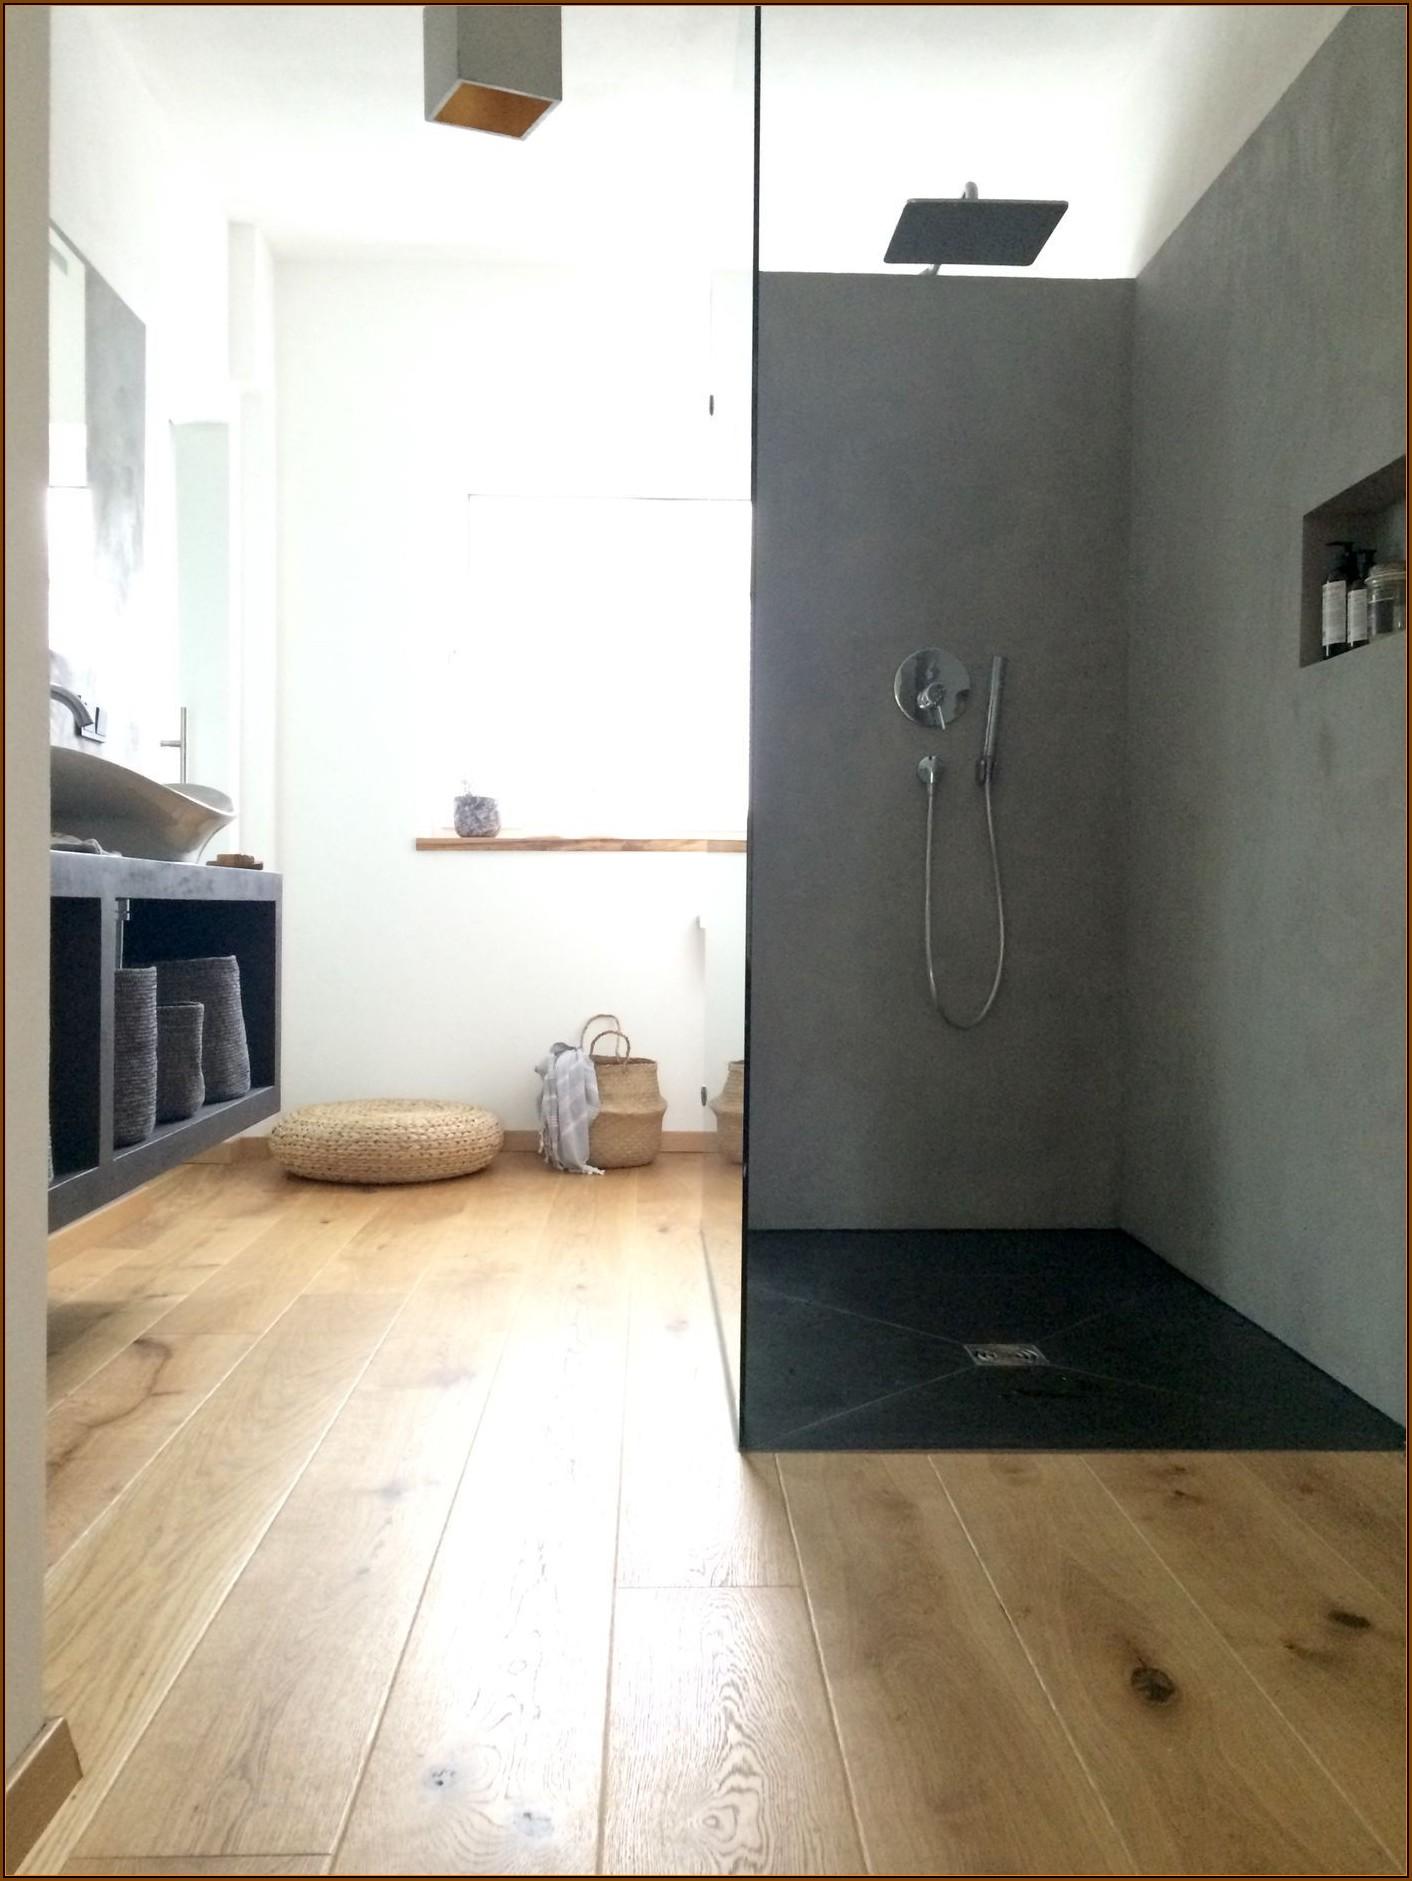 Bilder Badezimmer Mit Begehbarer Dusche